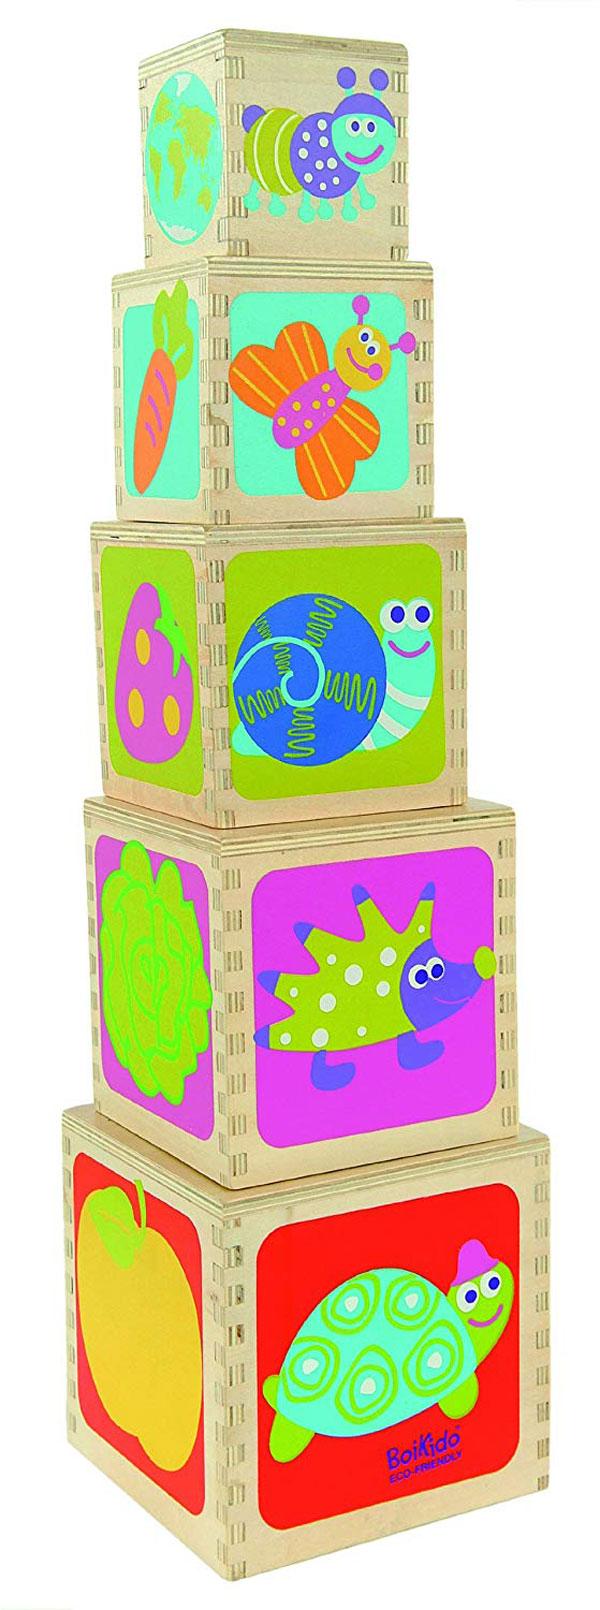 Pyramide de 5 cubes en bois